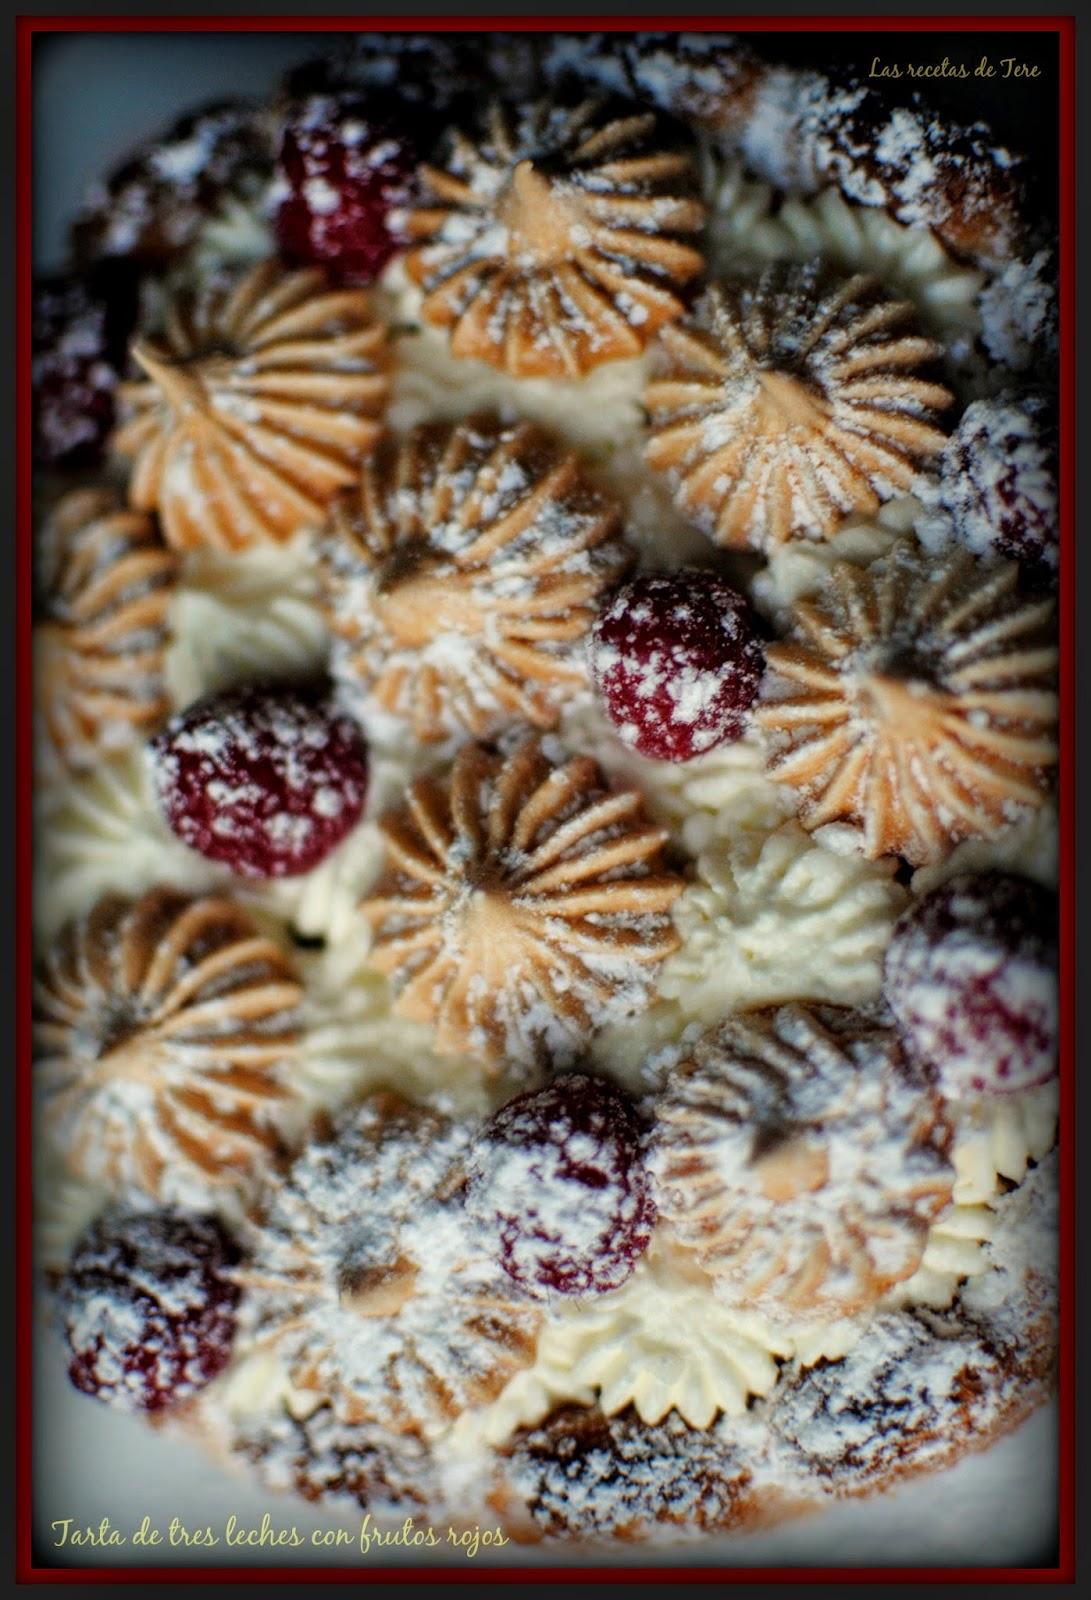 Tarta de tres leches con frutos rojos 06